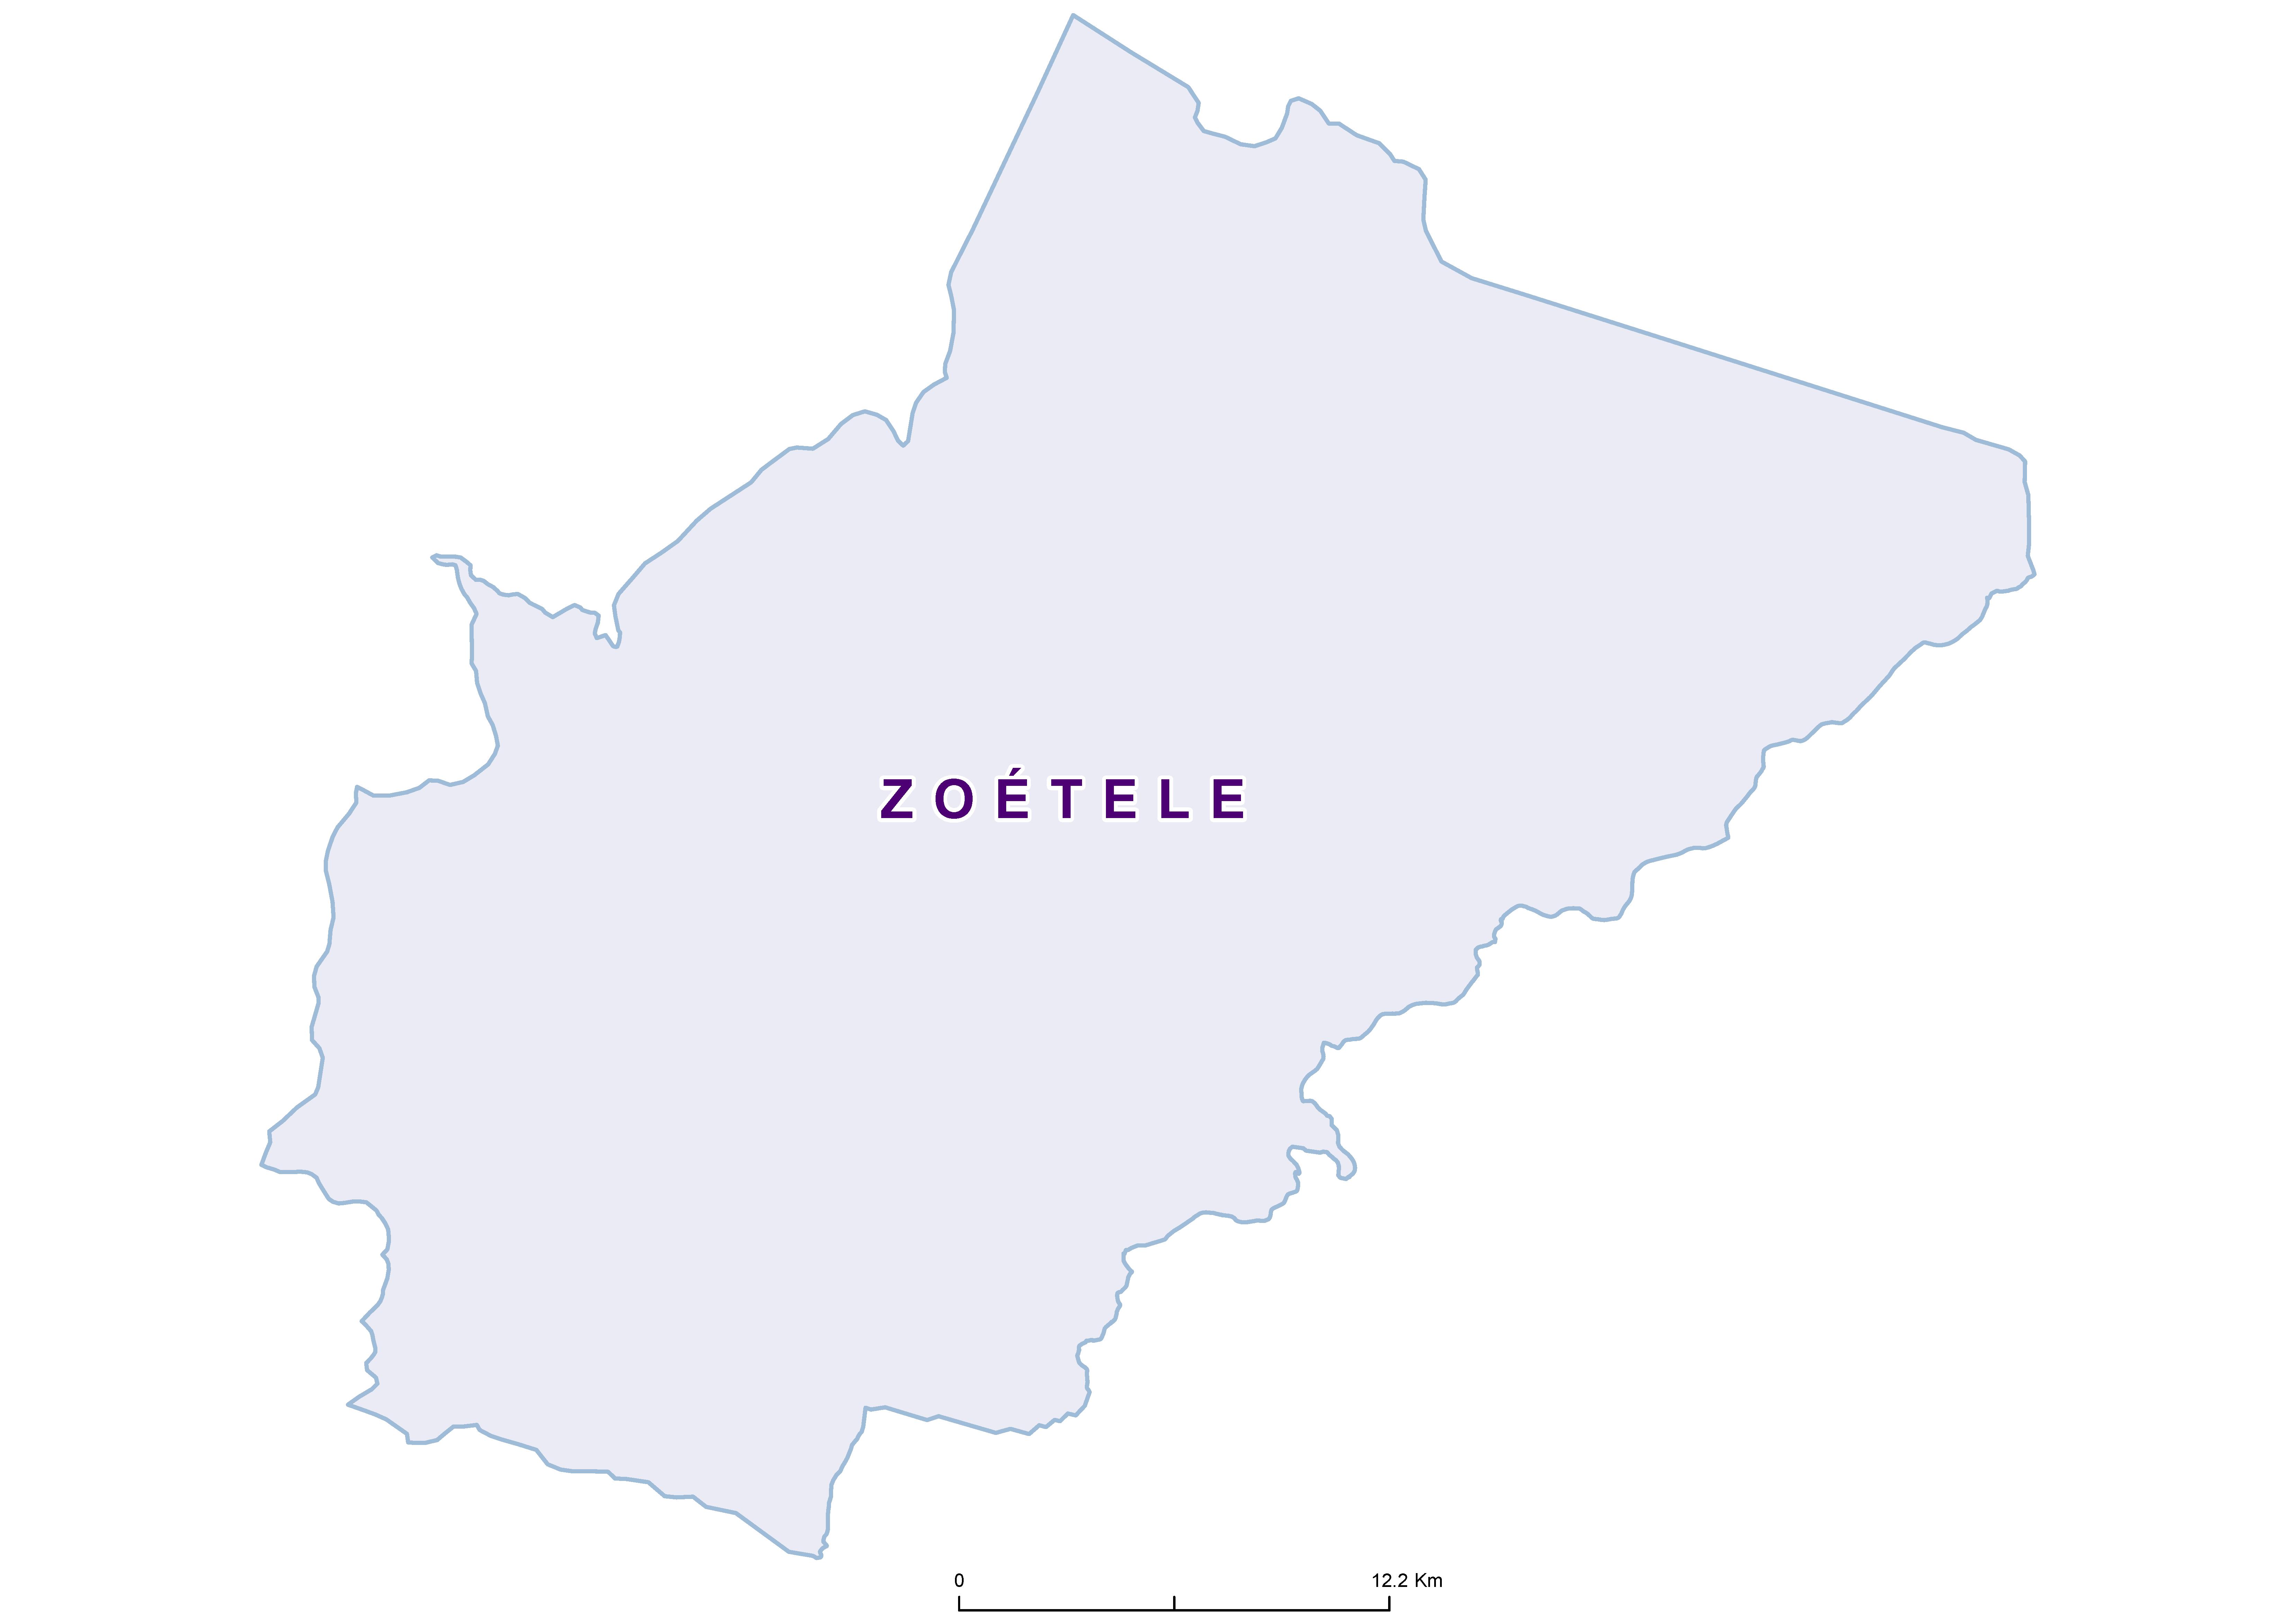 Zoétele Mean SCH 20180001